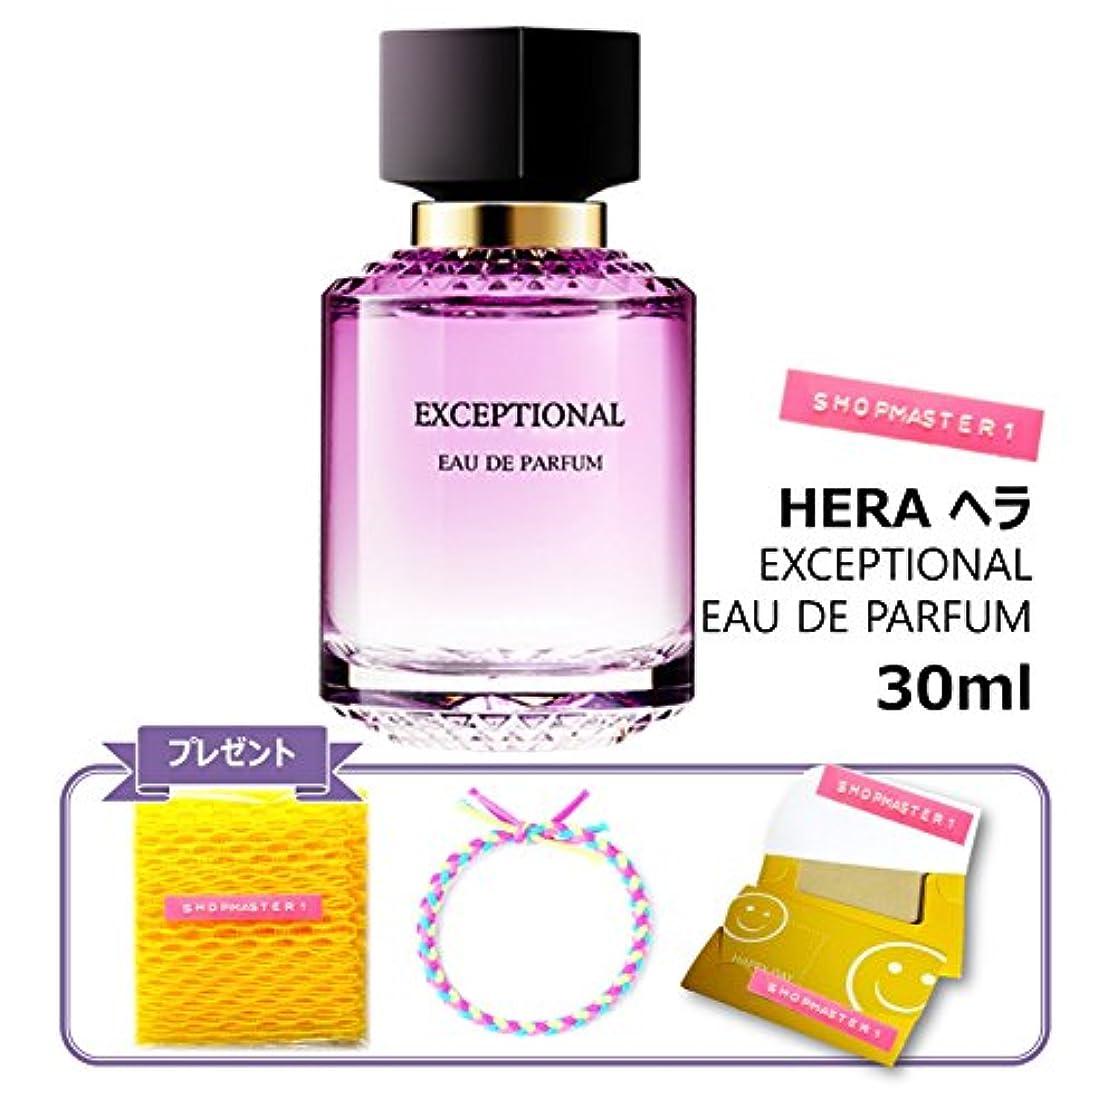 公平生侵入【HERA ヘラ】 香水 EXCEPTIONAL EAU DE PARFUM 30ml / プレゼント 編みたわし1個、ヘアタイ1個、油取り紙1個(25枚) / 海外直配送 [並行輸入品]